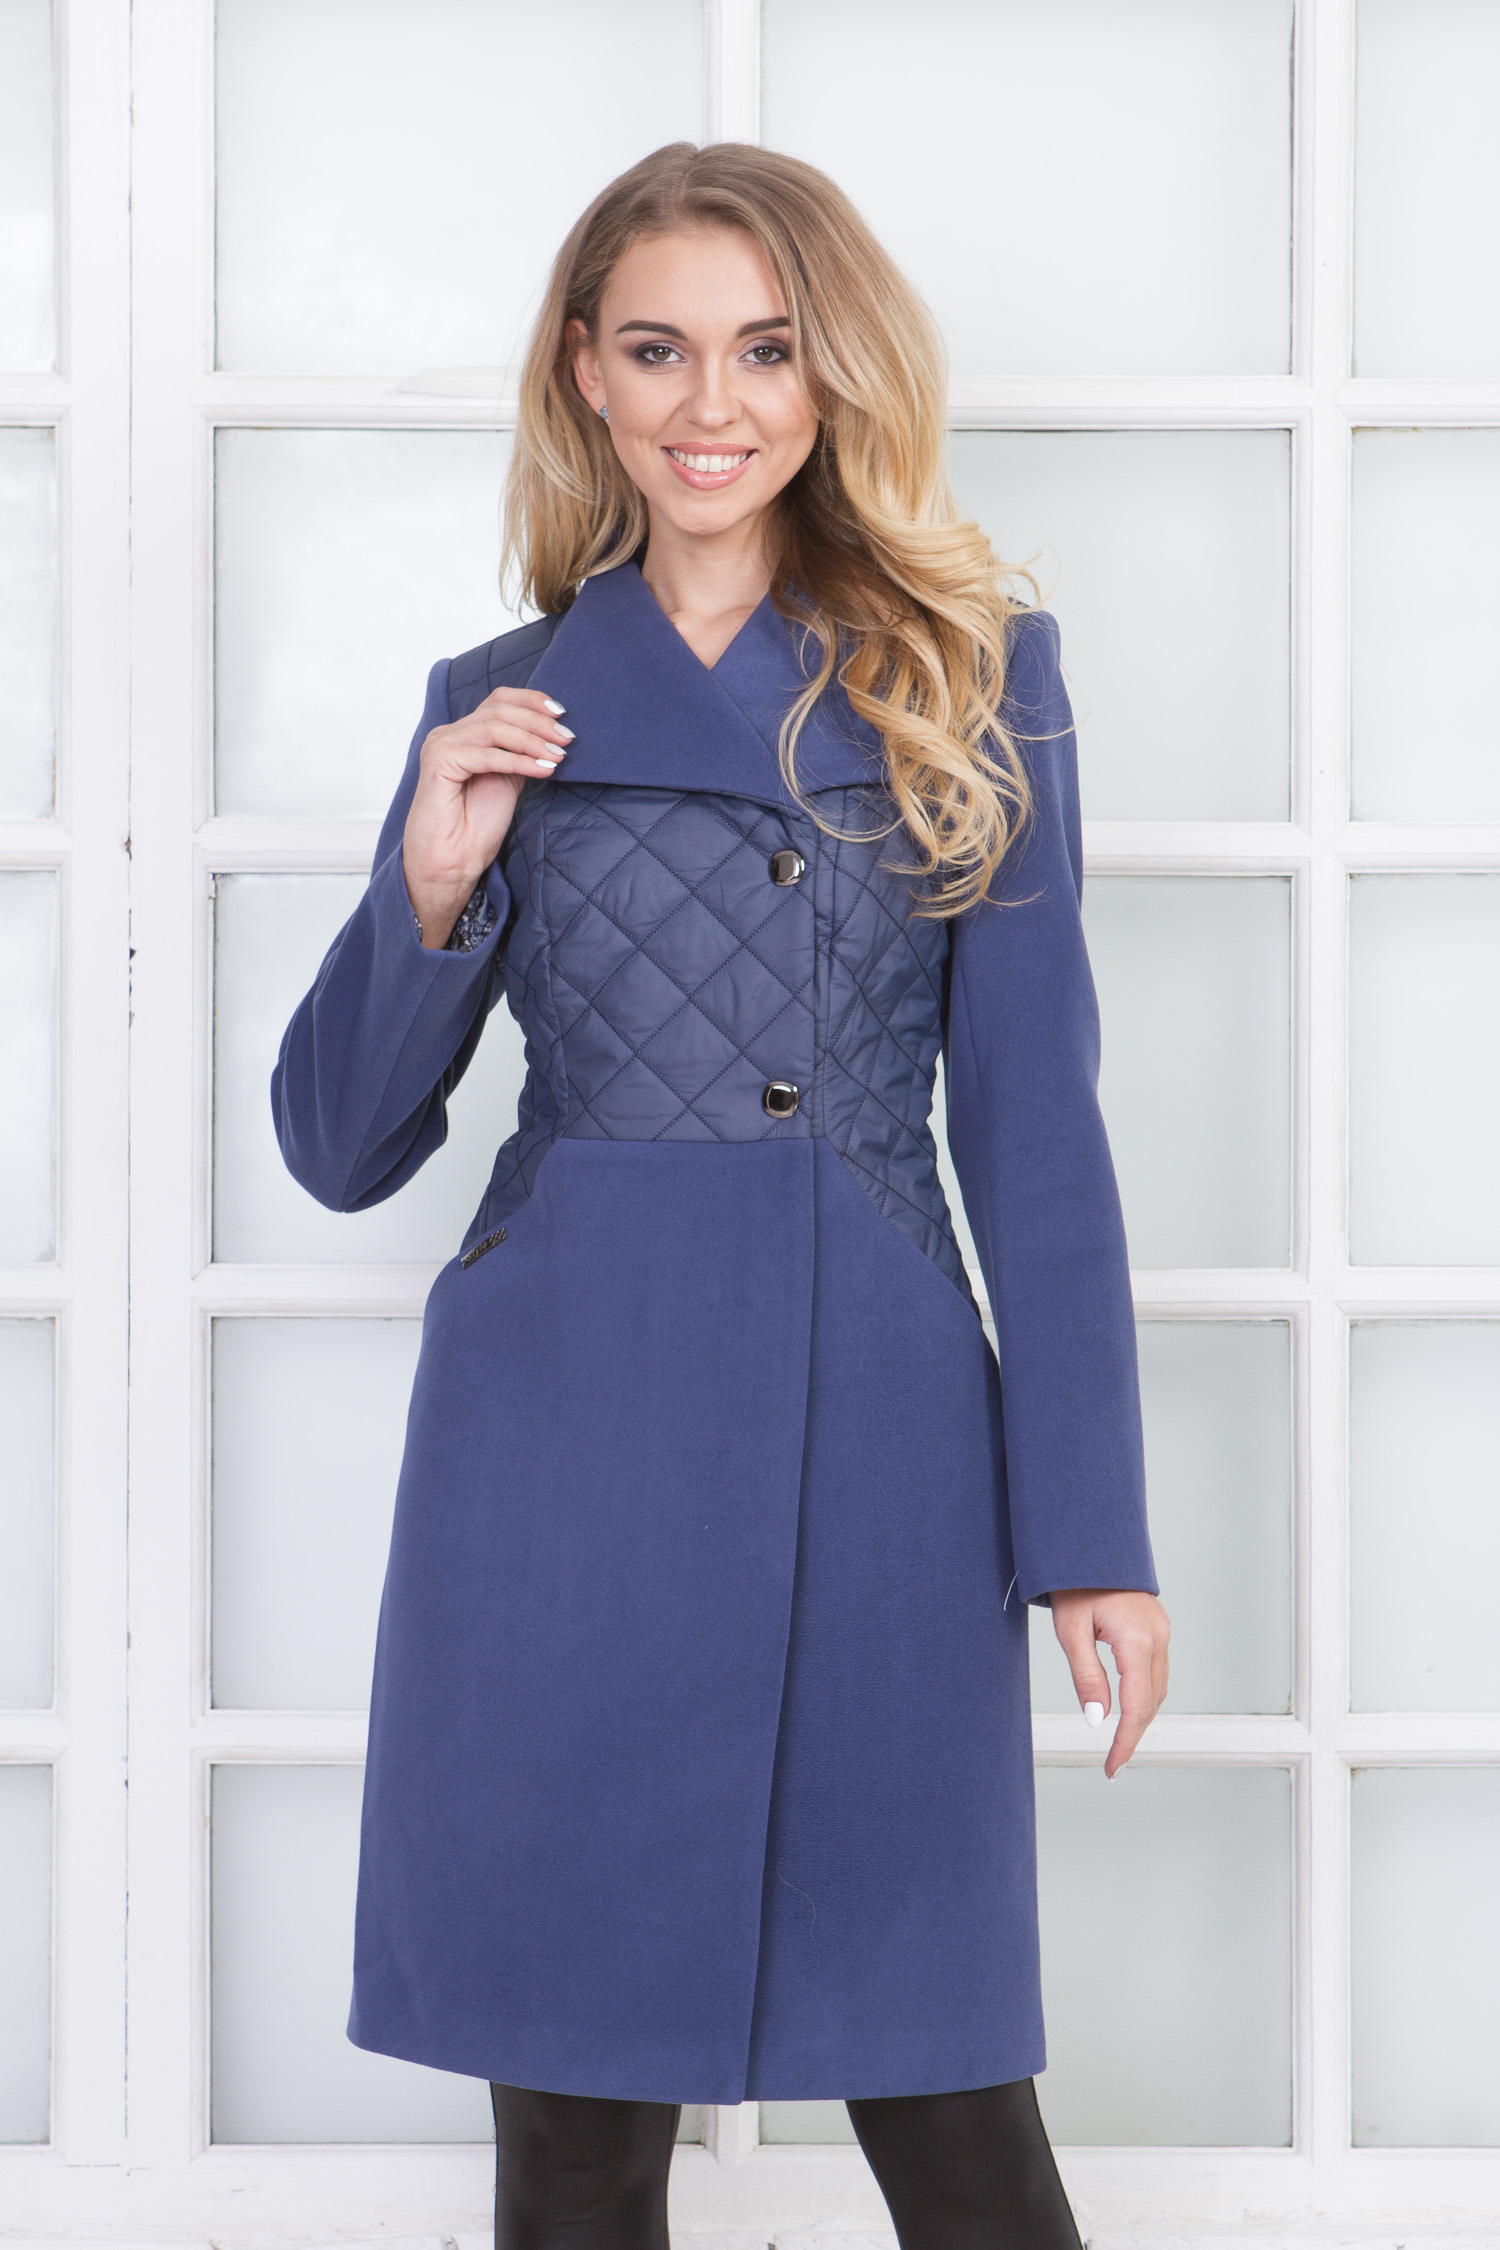 Фото 5 - Женское пальто из текстиля с воротником от МОСМЕХА сиреневого цвета